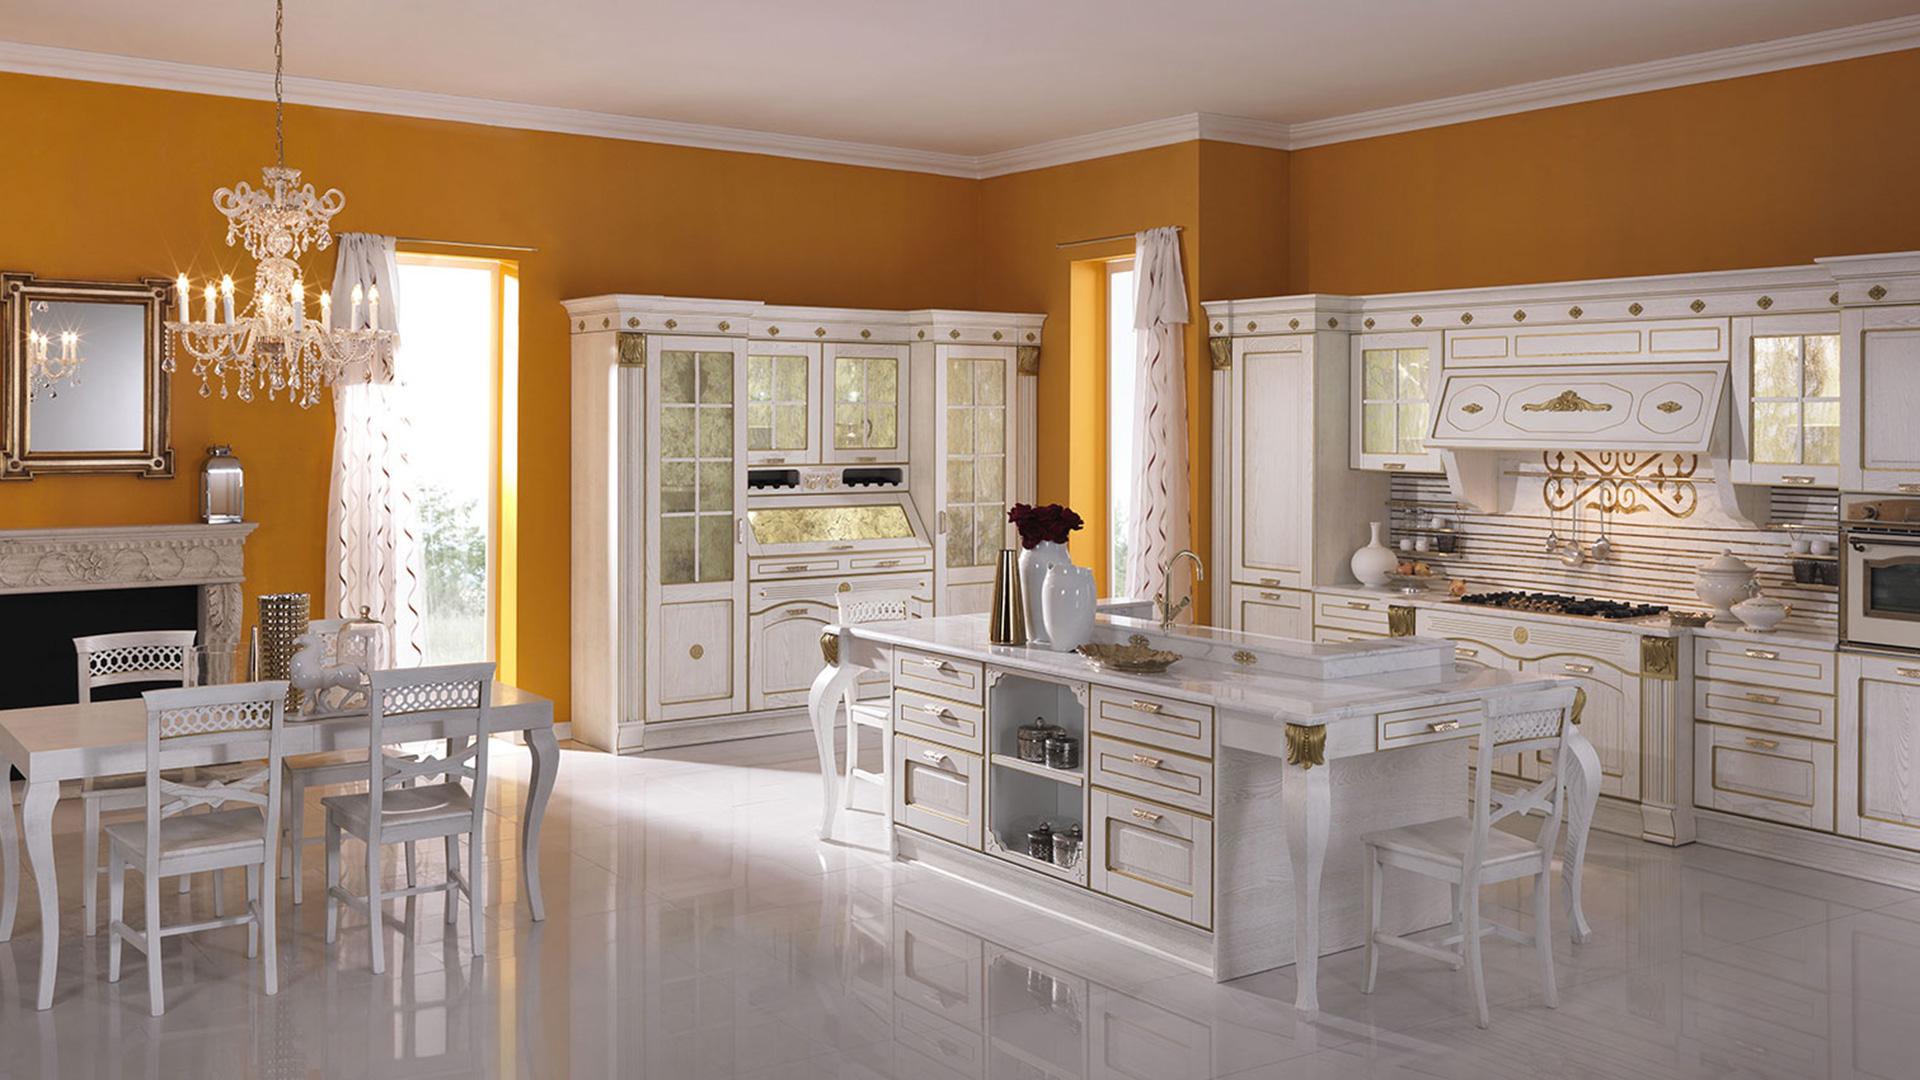 Arredamenti e idee per la casa arredamenti e forniture for Arredo casa shop